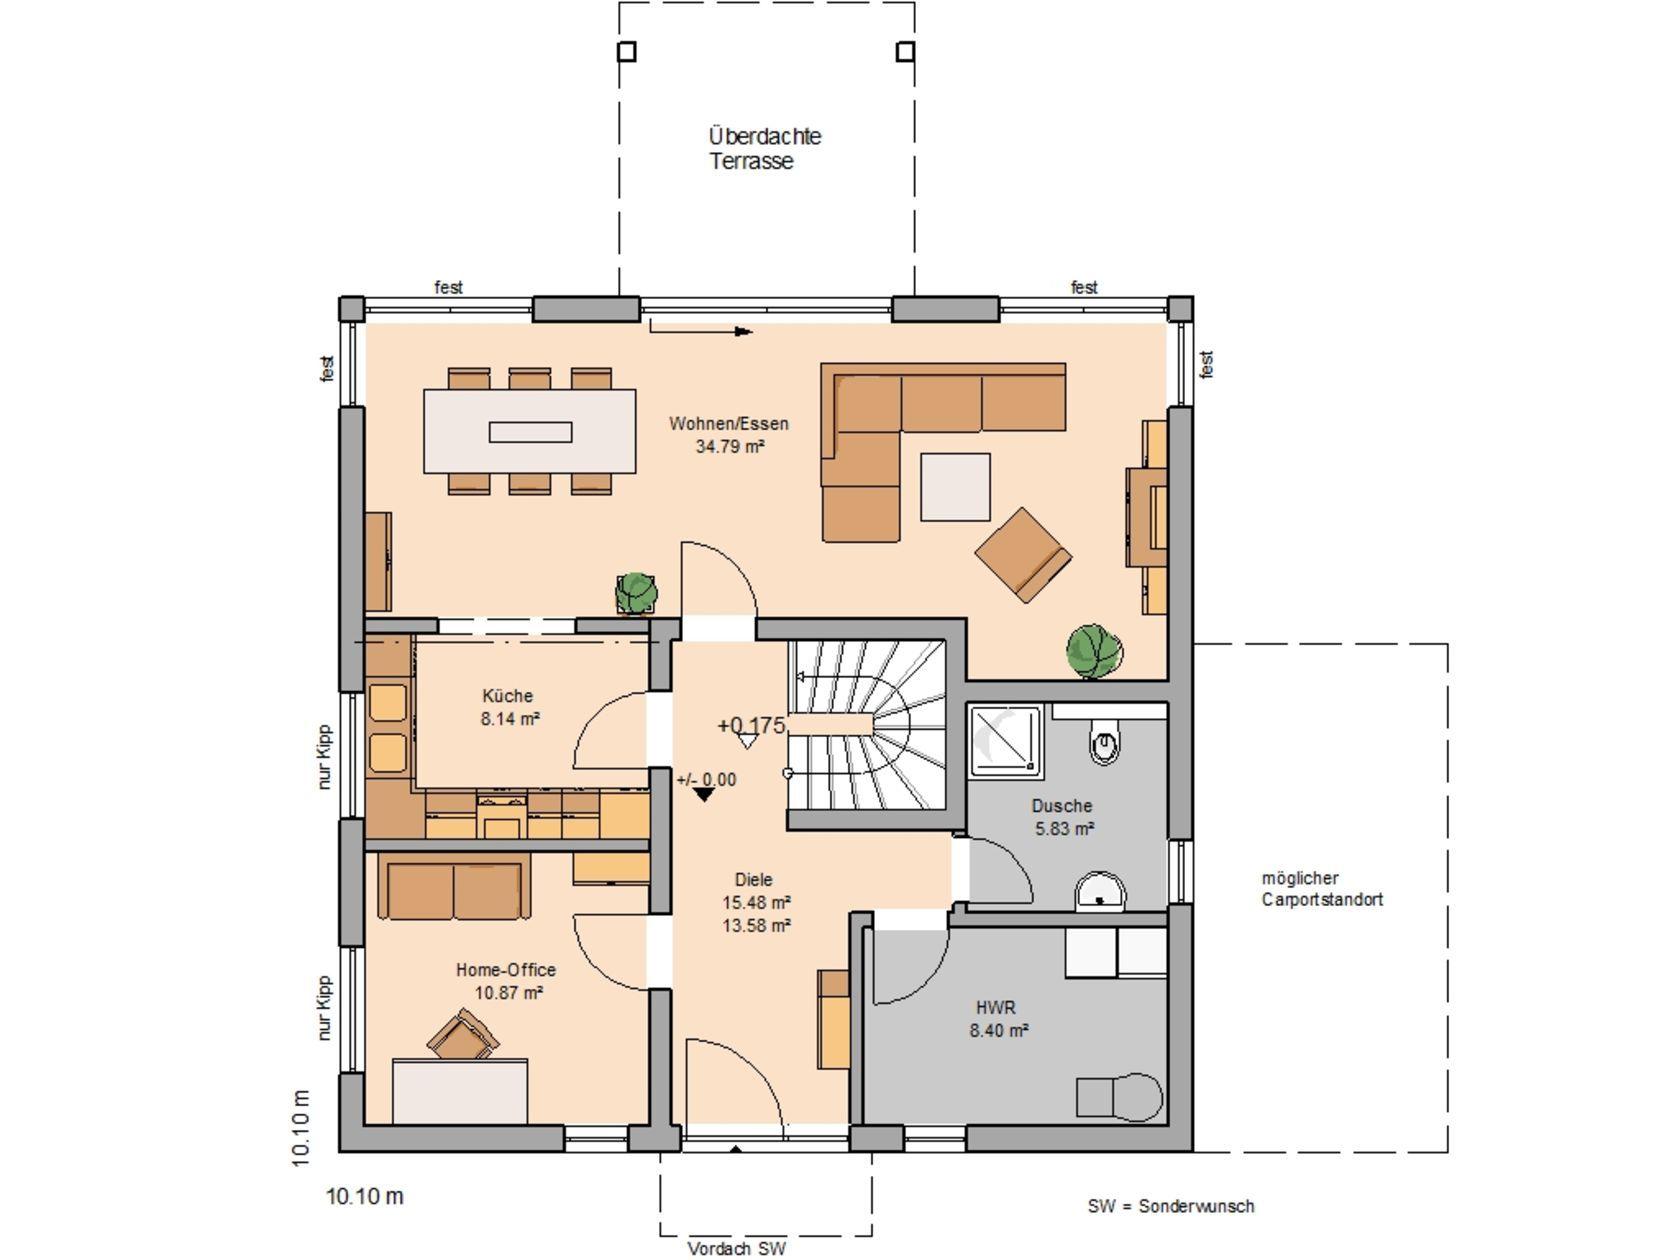 """Über 1.000 Ideen zu """"Kern Haus auf Pinterest Stadtvilla ... size: 1680 x 1260 post ID: 7 File size: 0 B"""